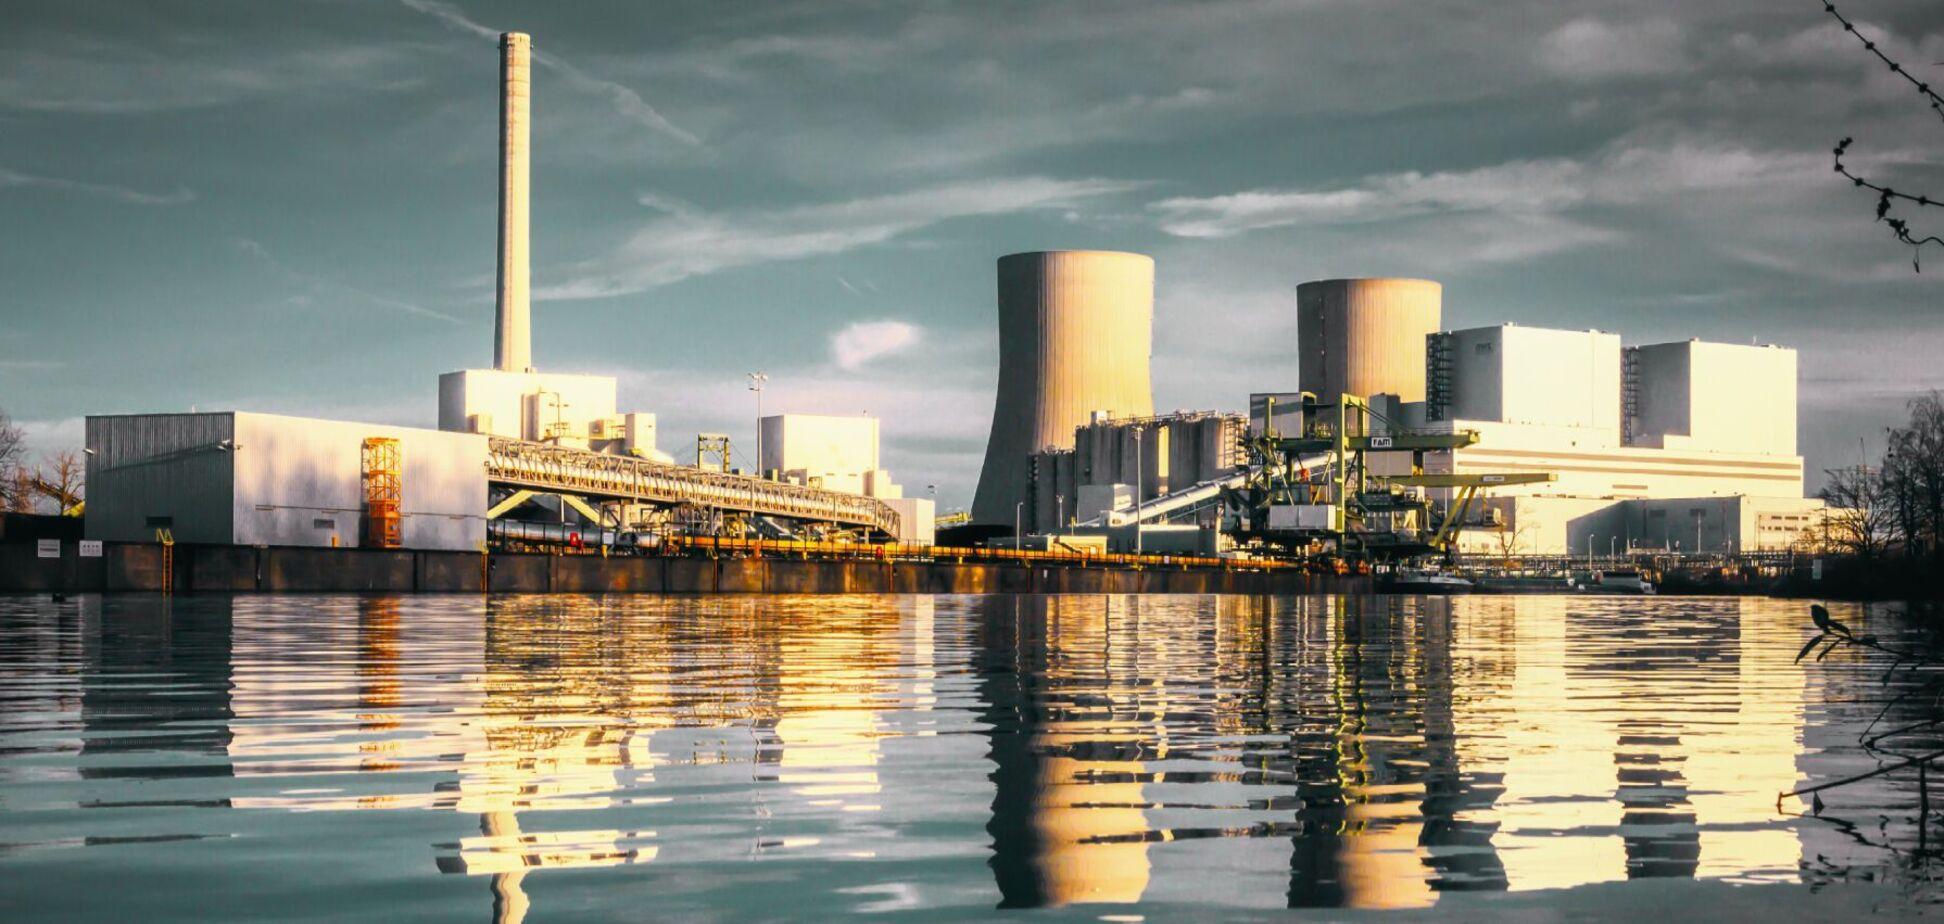 ТЭС ДТЭК увеличили производство электроэнергии для недопущения отключений света